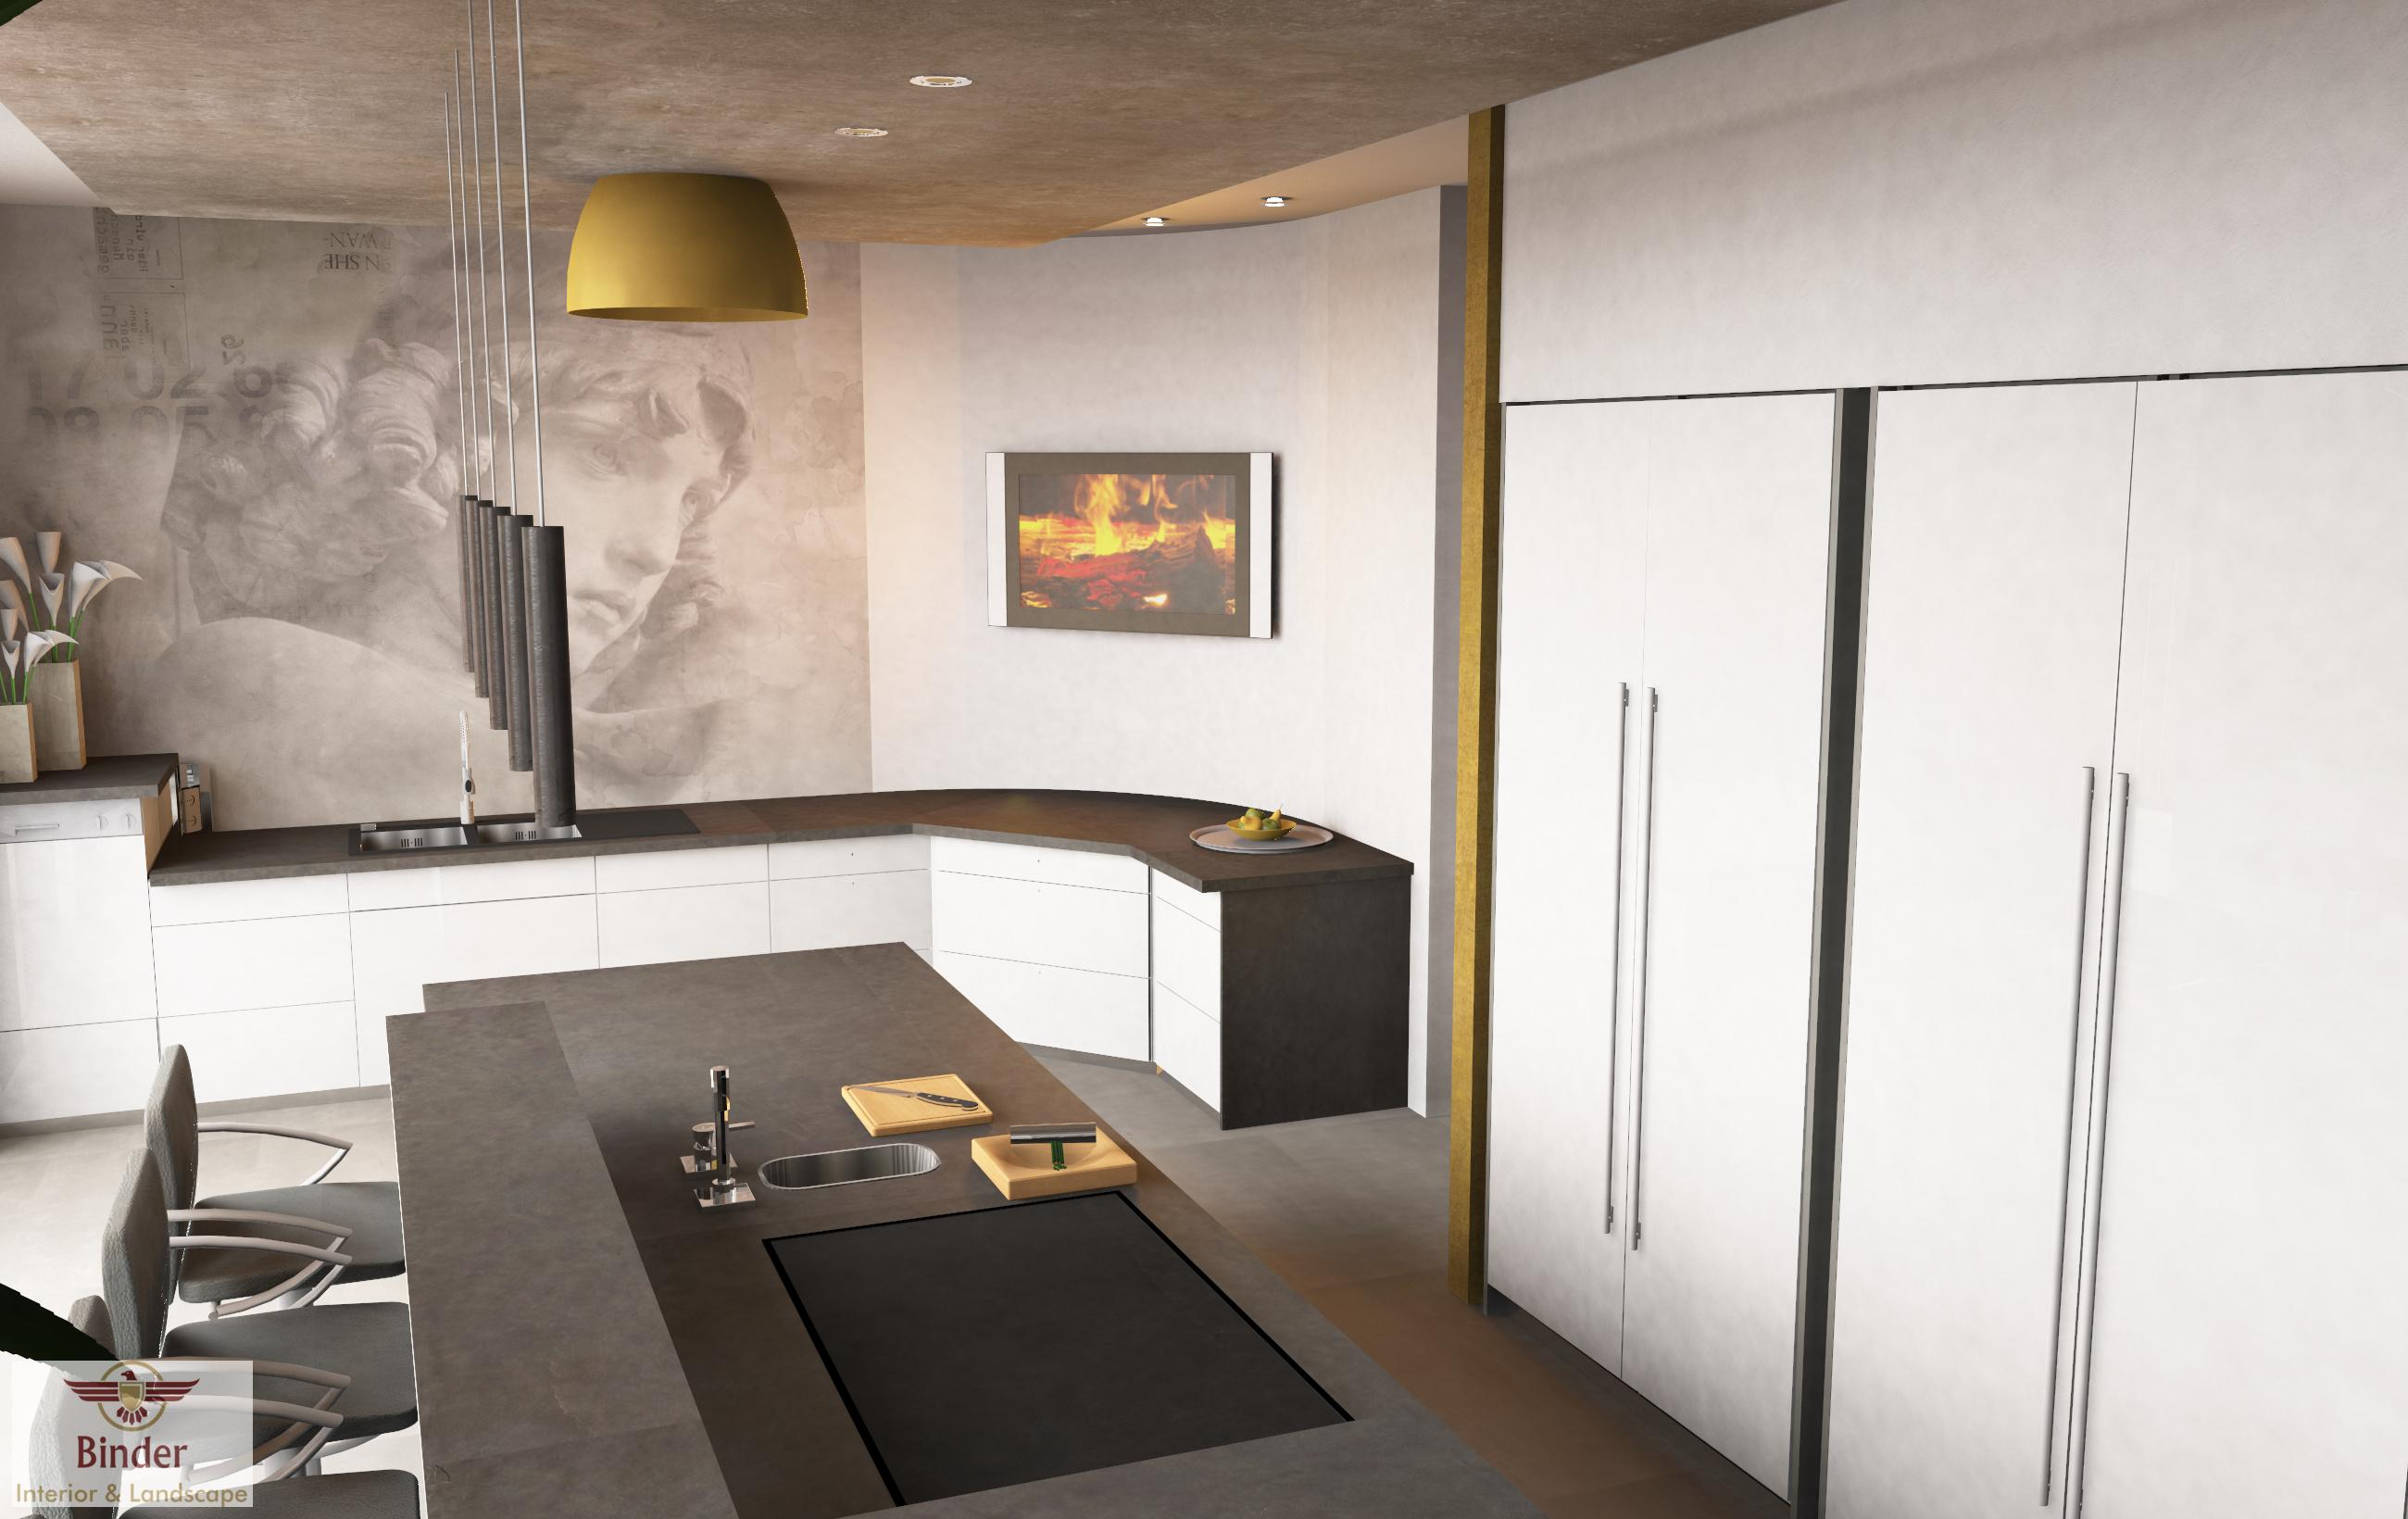 raumausstattung bilder ideen couch. Black Bedroom Furniture Sets. Home Design Ideas